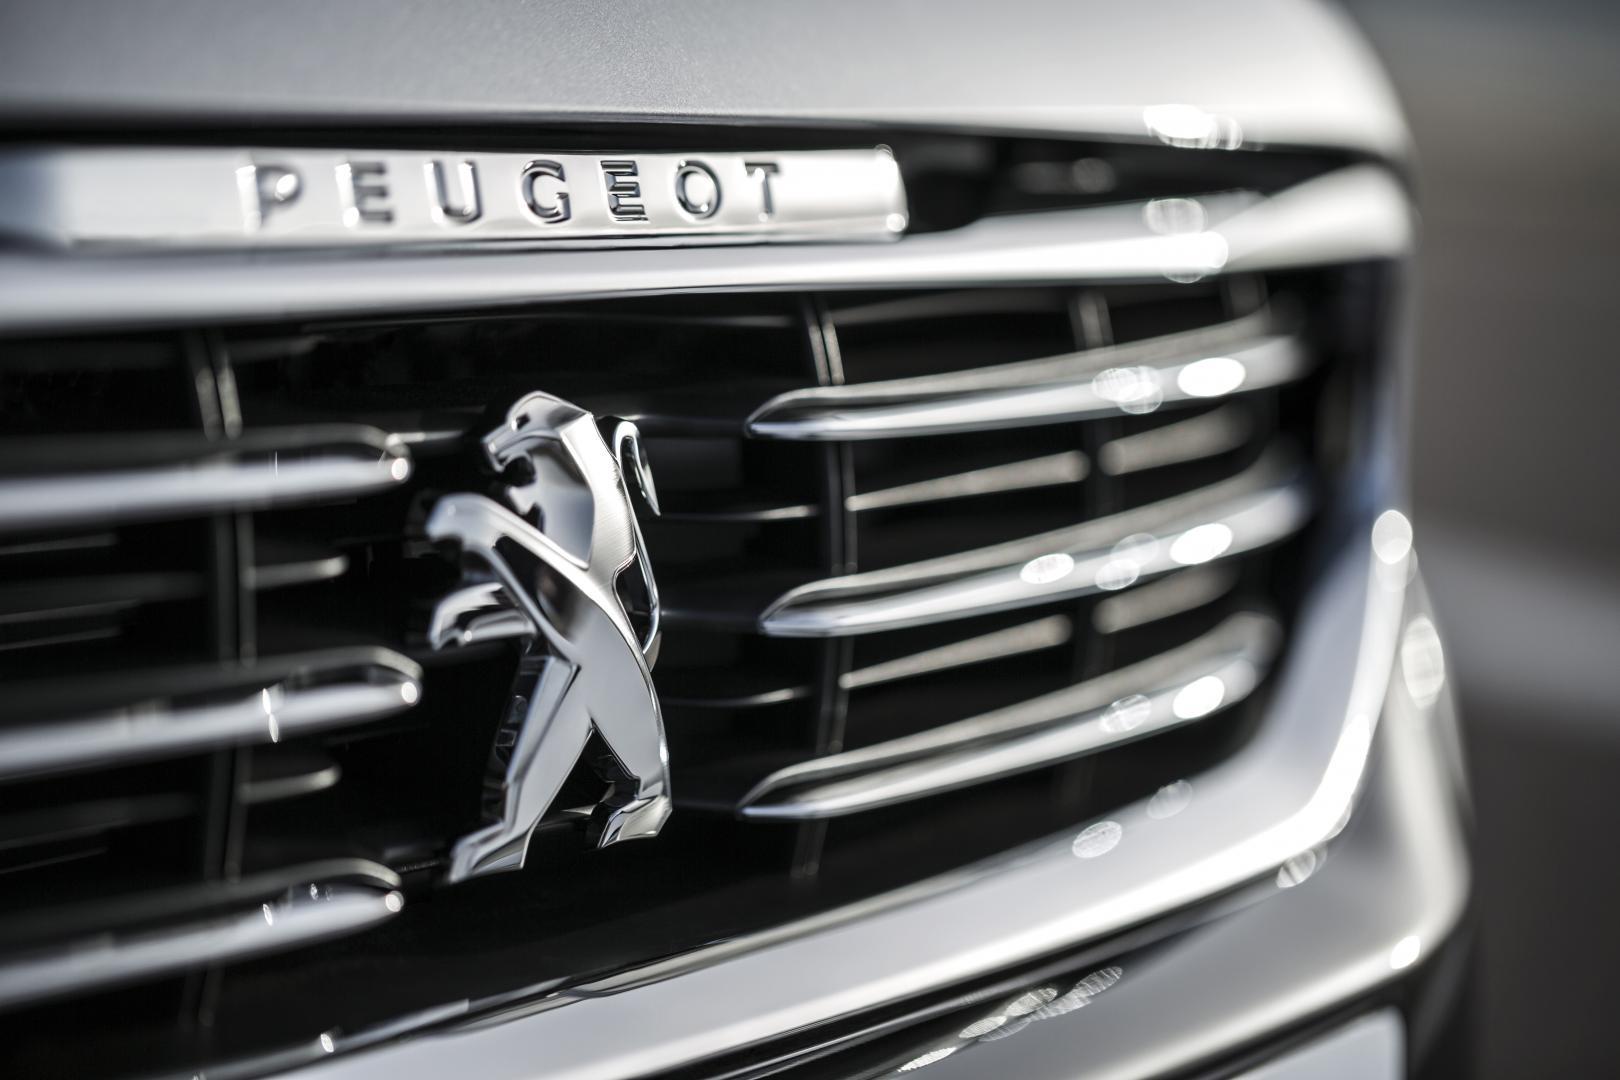 Peugeot 508 2.0 BlueHDI logo (2014)